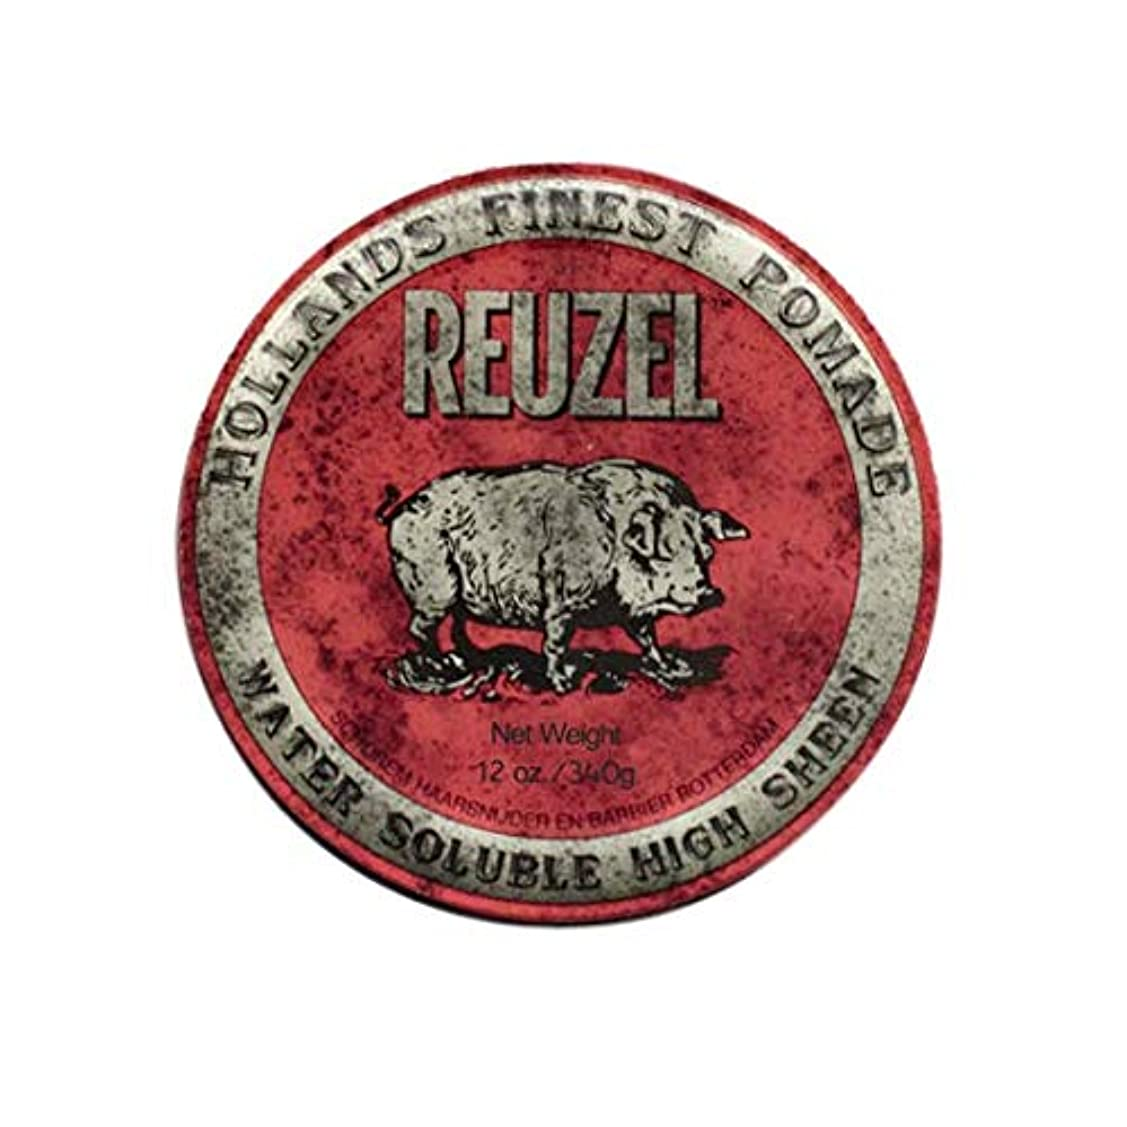 分析的スカートさわやかルーゾー(REUZEL) ミディアムホールド レッド HIGH SHINE 340g